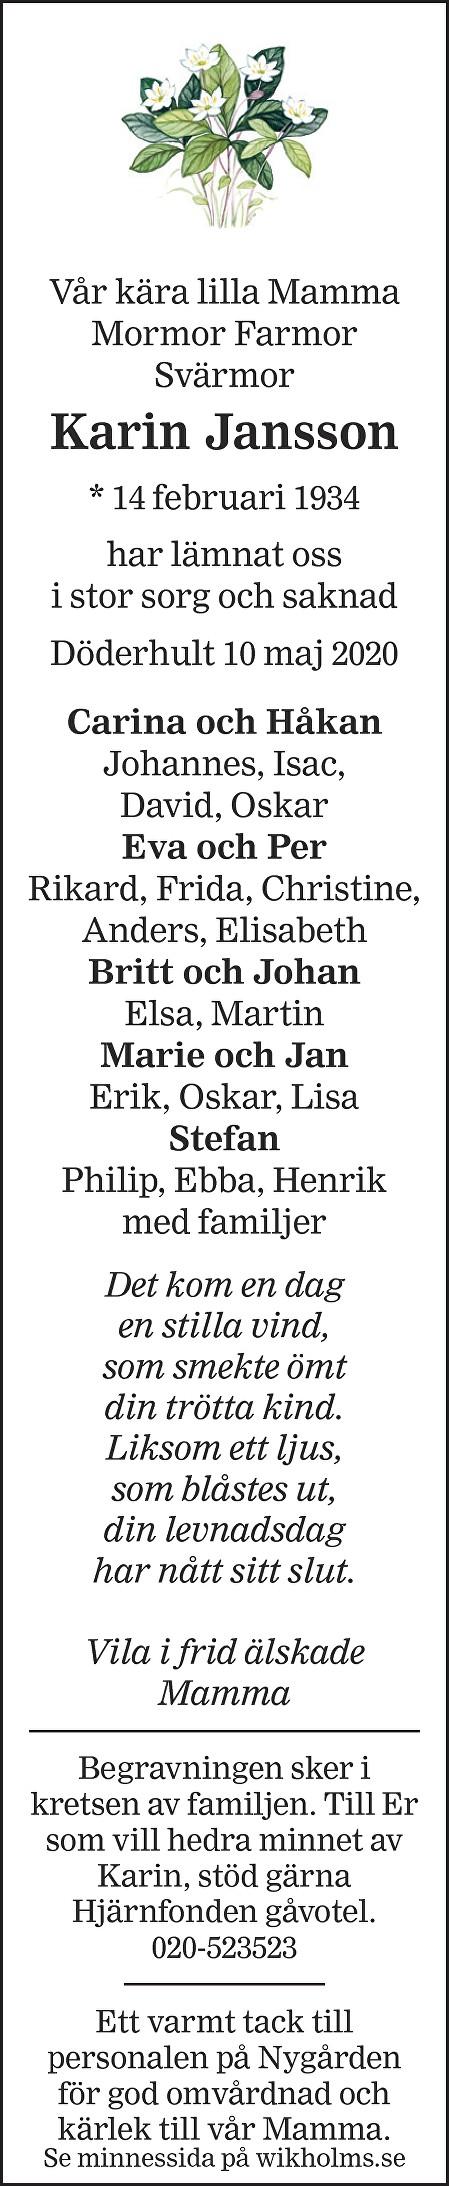 Karin Jansson Death notice